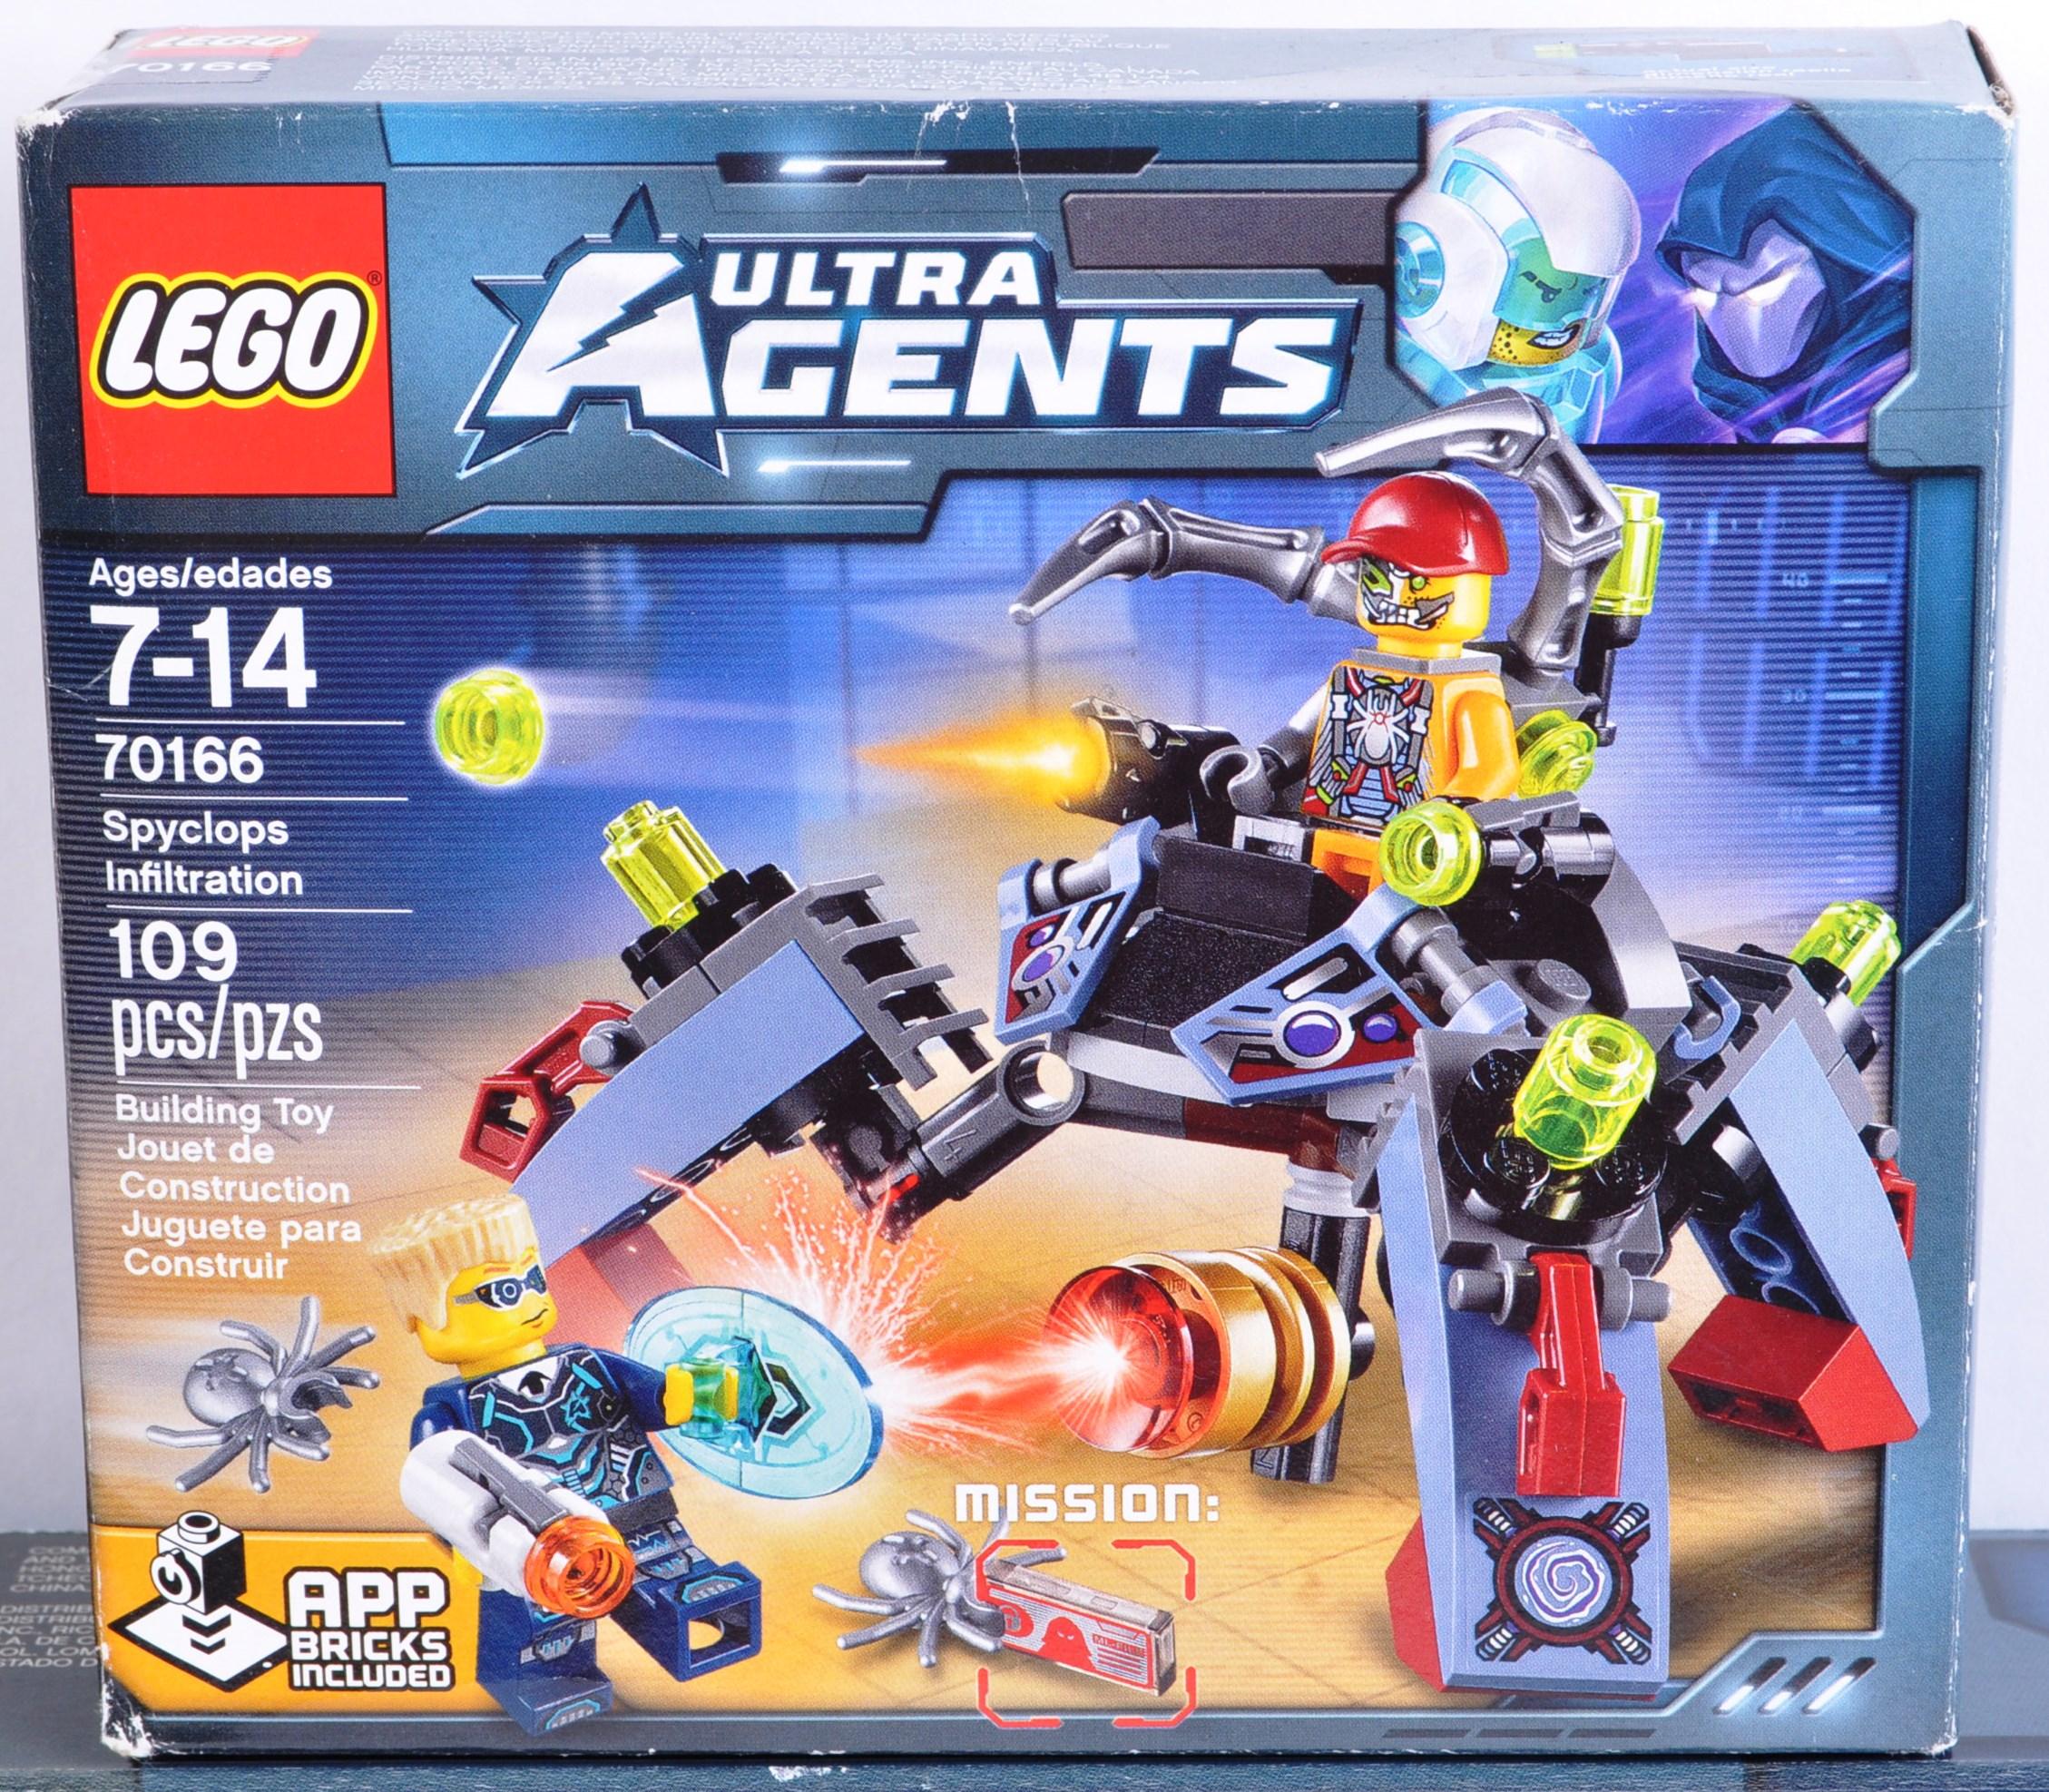 LEGO SETS - LEGO ULTRA AGENTS - Image 4 of 6